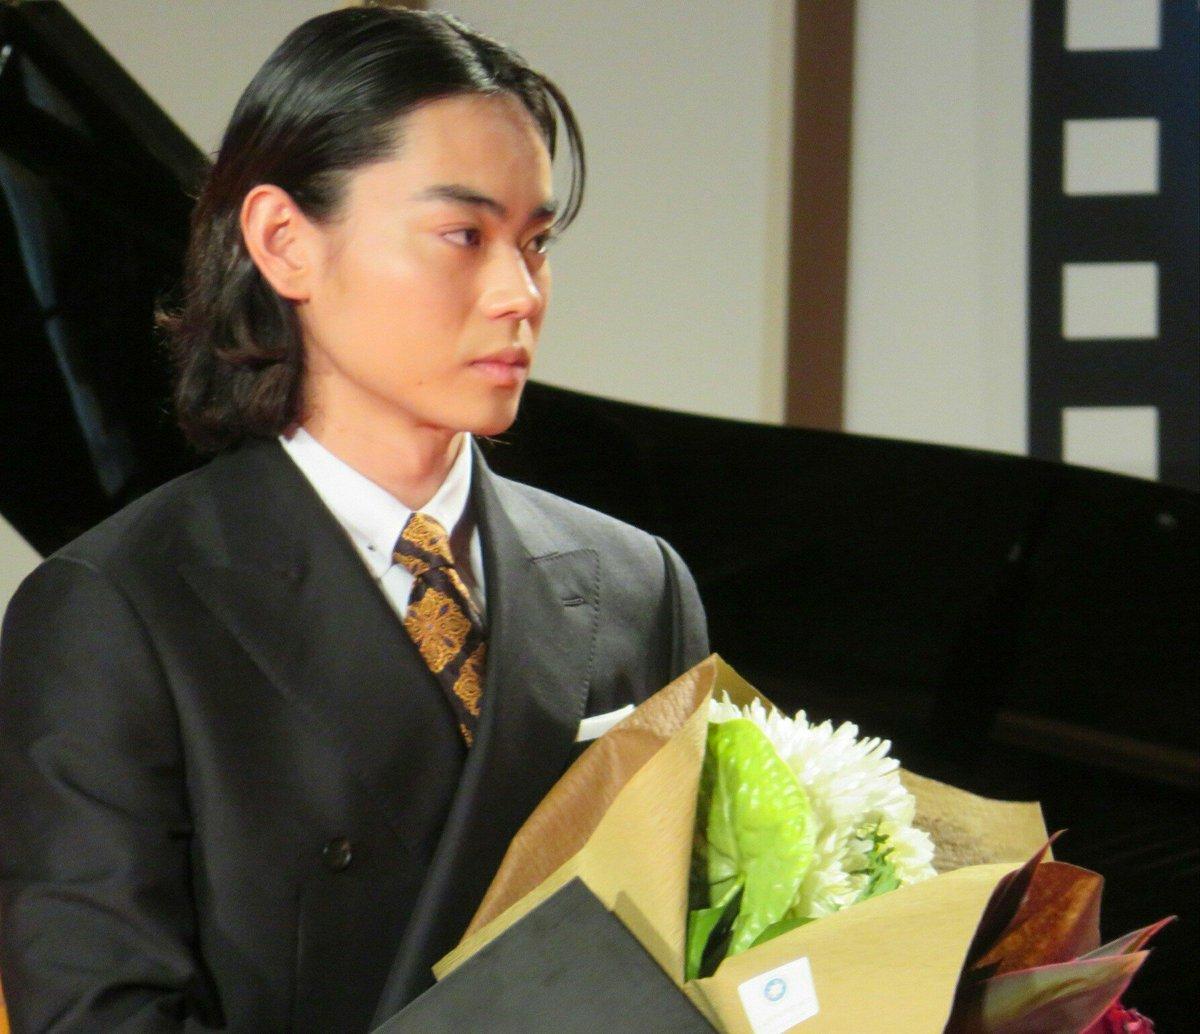 日刊スポーツ映画大賞主演男優賞頂きました。昨年の受賞者佐藤浩市さんからトロフィーを頂きました。なんと光栄な。この大きい賞に見合う男になる為に、またこれから更にワンカットワンカット大事にしていきます。本当にありがとうございました。